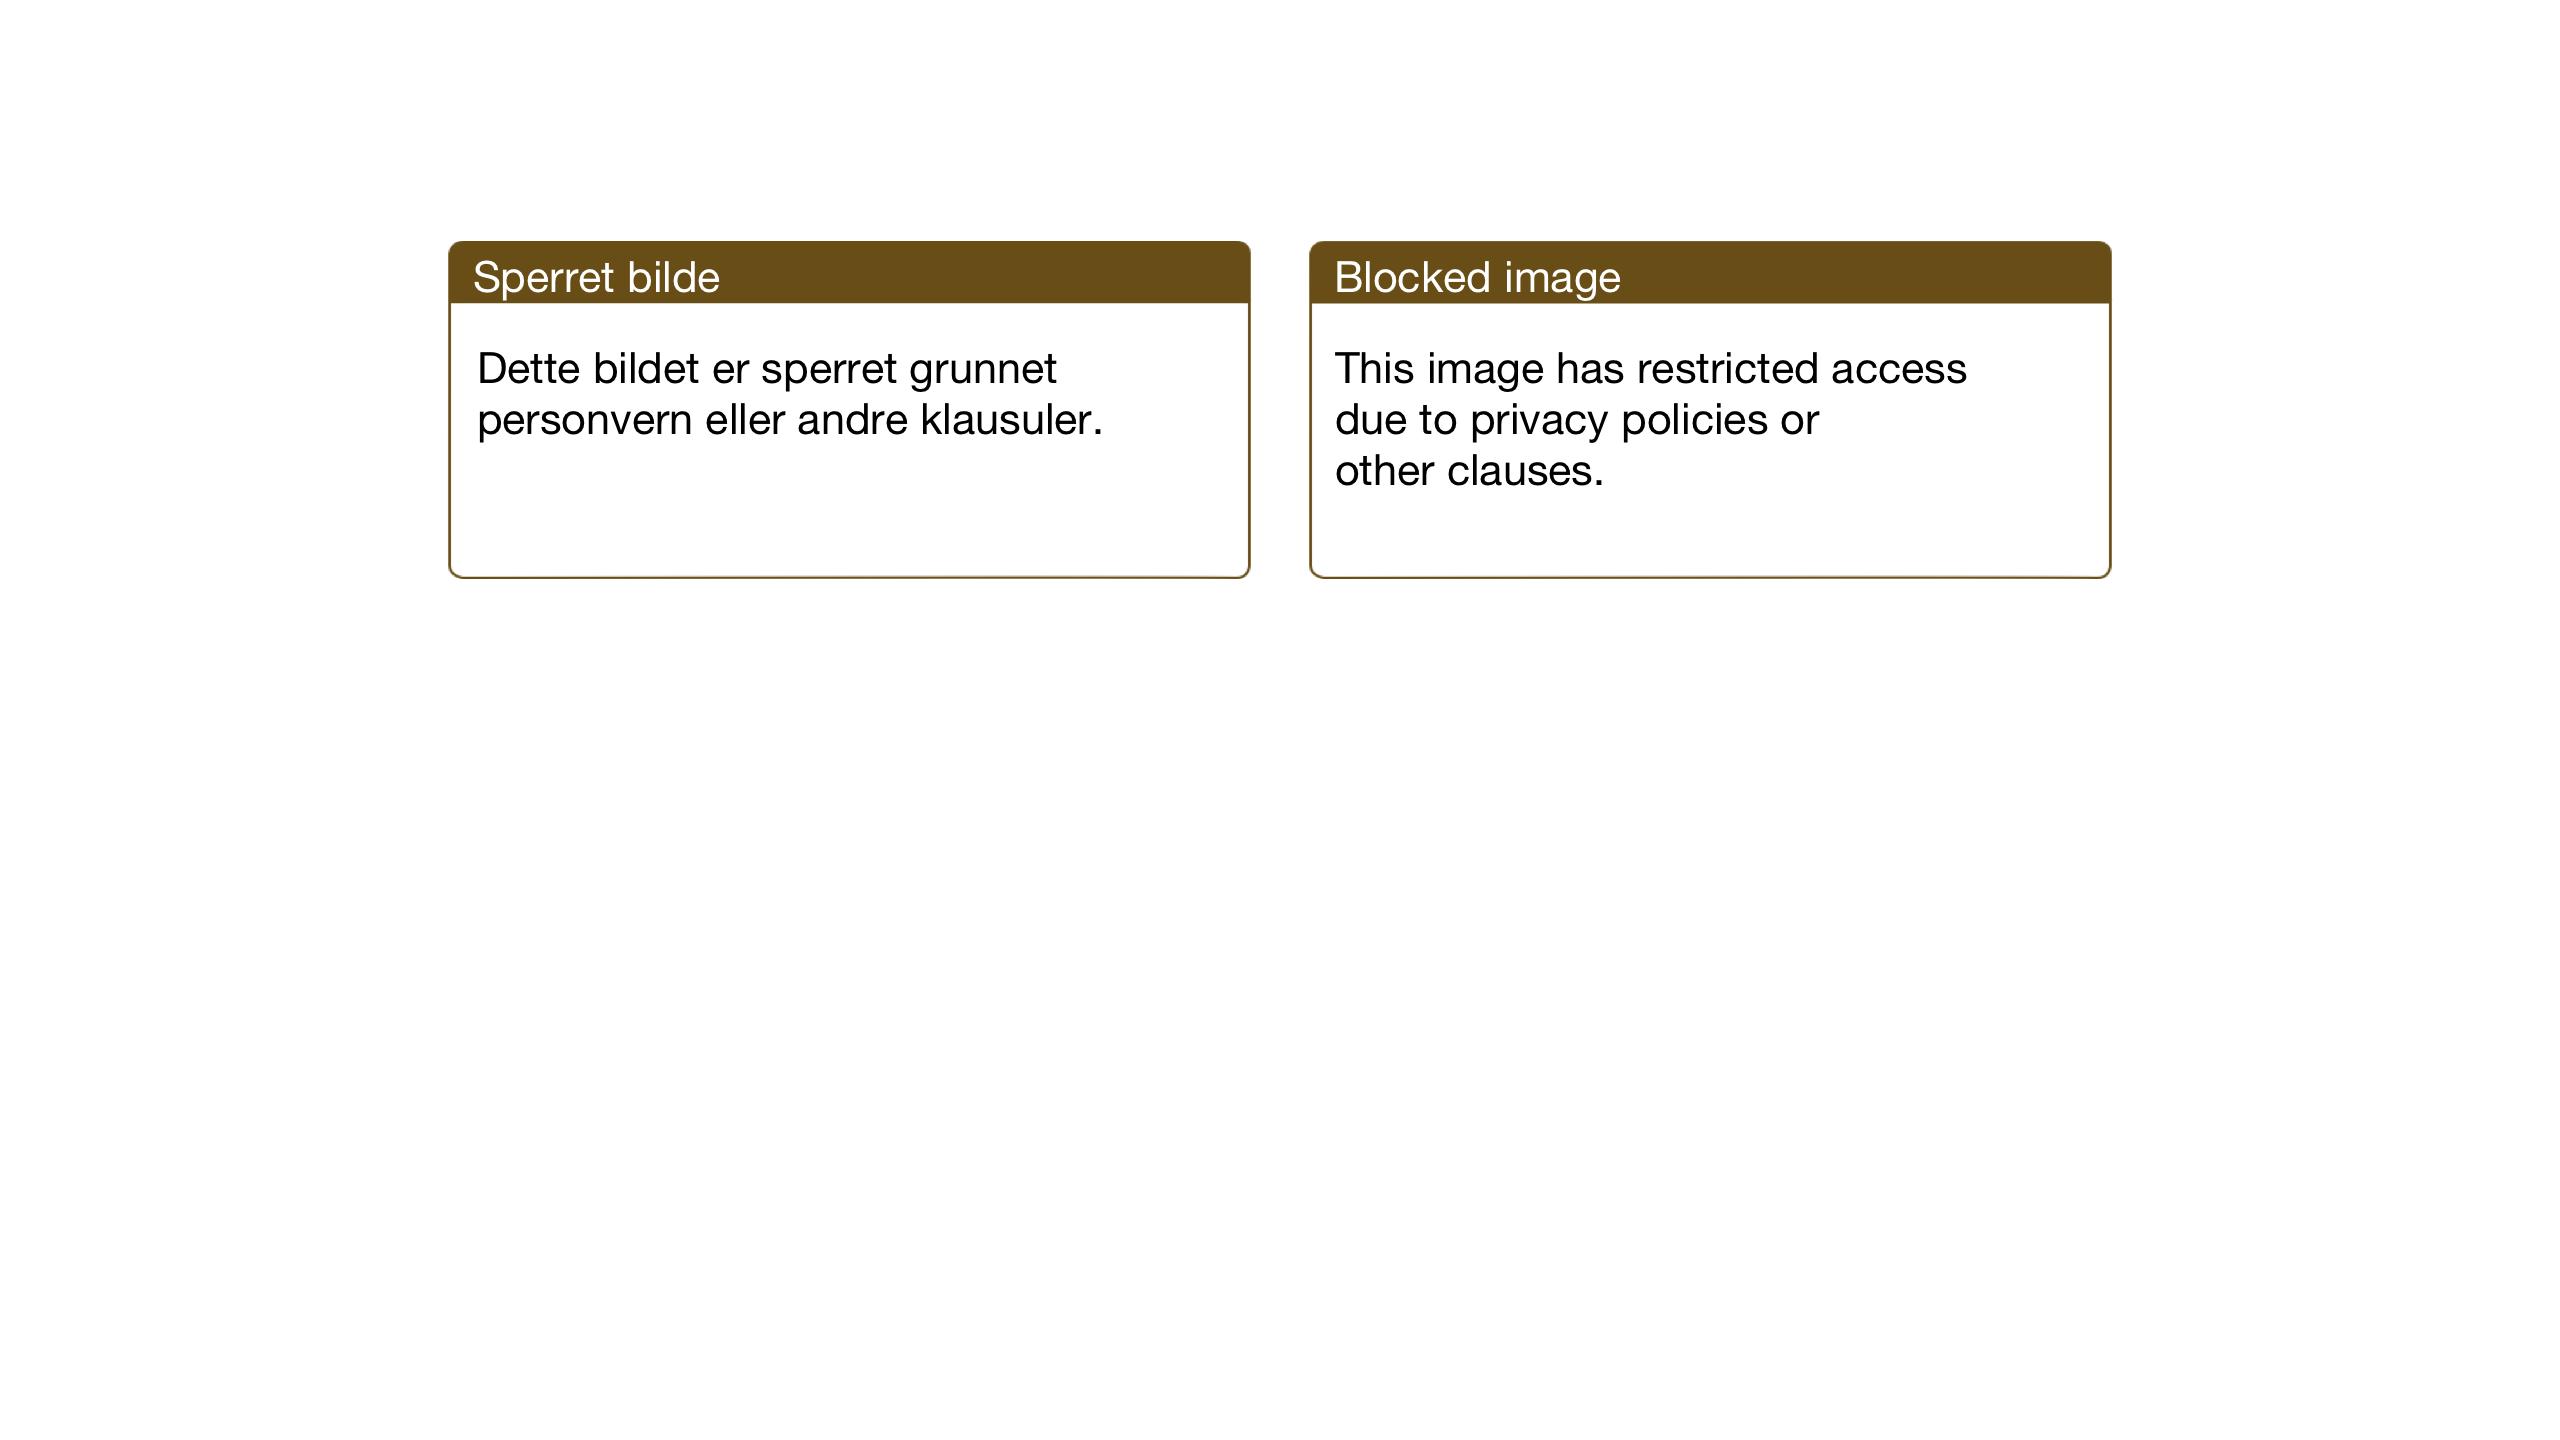 SAT, Ministerialprotokoller, klokkerbøker og fødselsregistre - Nord-Trøndelag, 710/L0097: Klokkerbok nr. 710C02, 1925-1955, s. 70